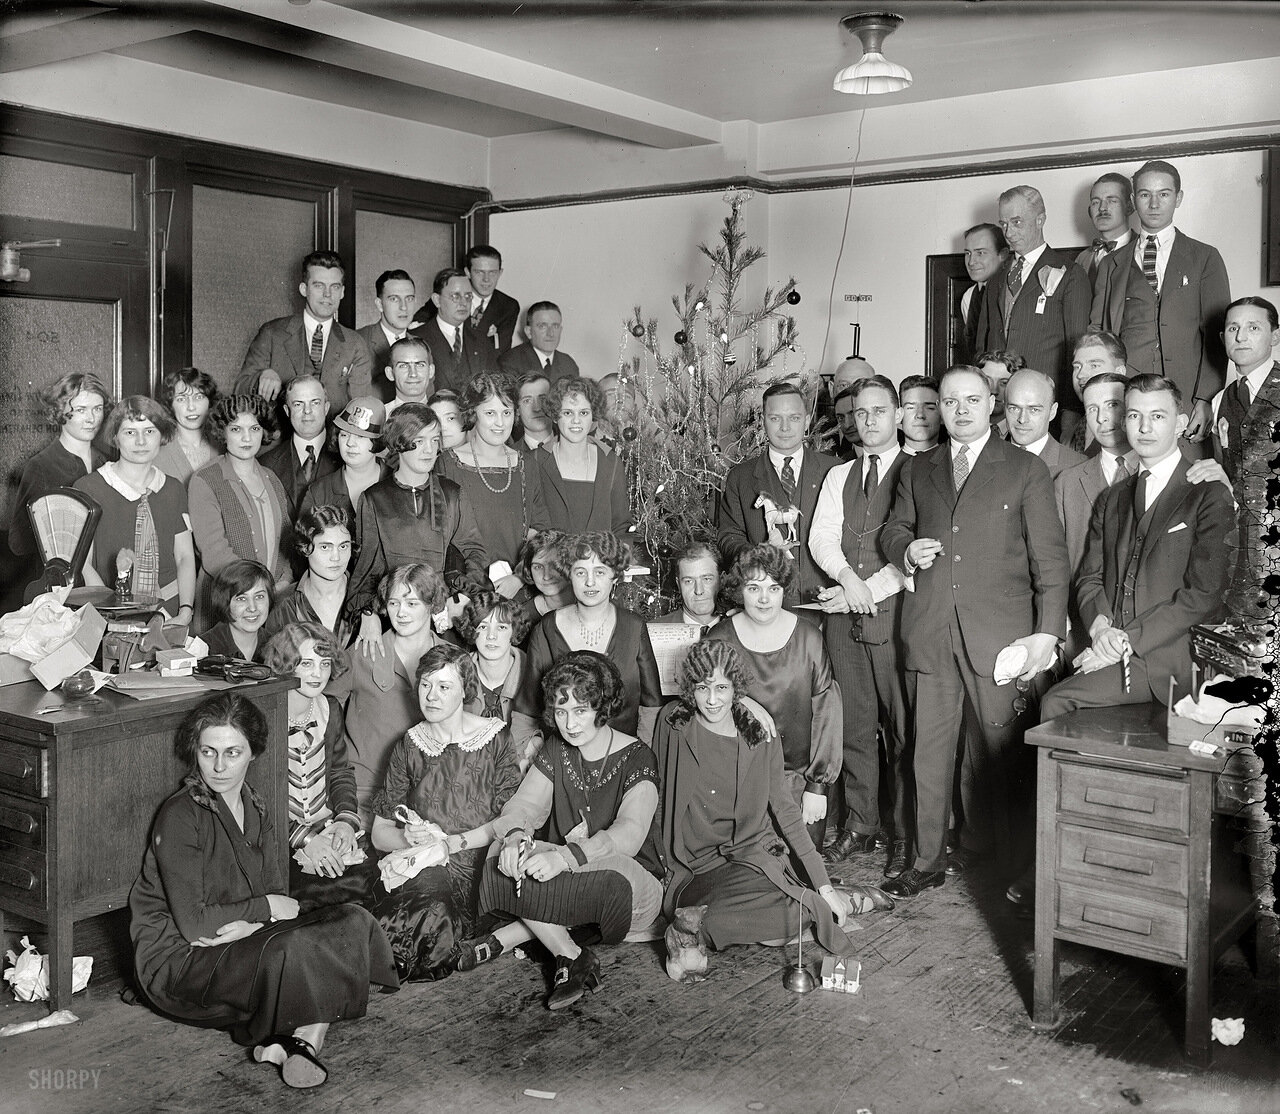 1925. Офисная вечеринка в Новый год в США